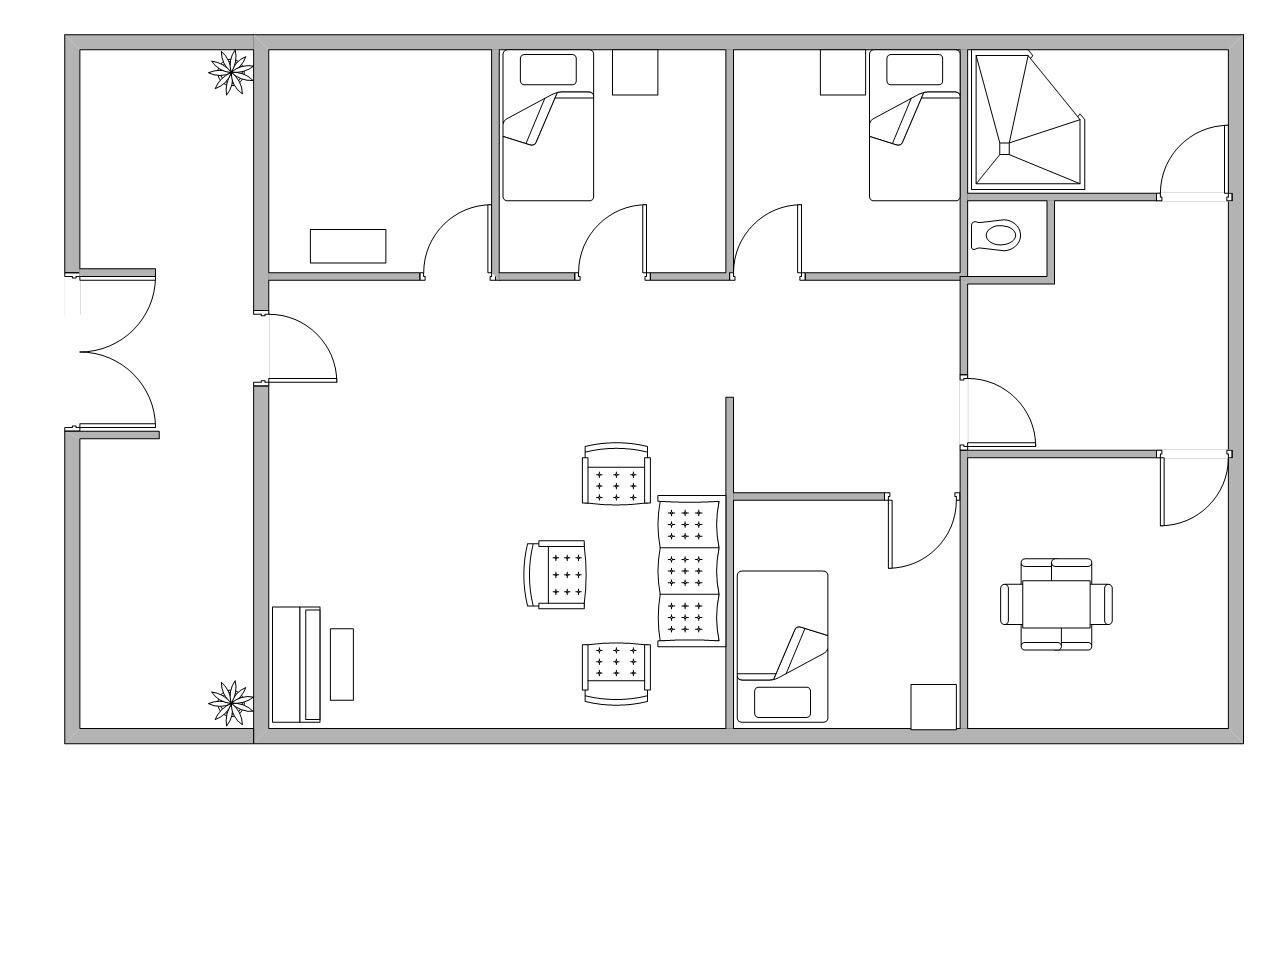 Fabian vargas plano de mi casa fabian vargas for Un plano de una casa